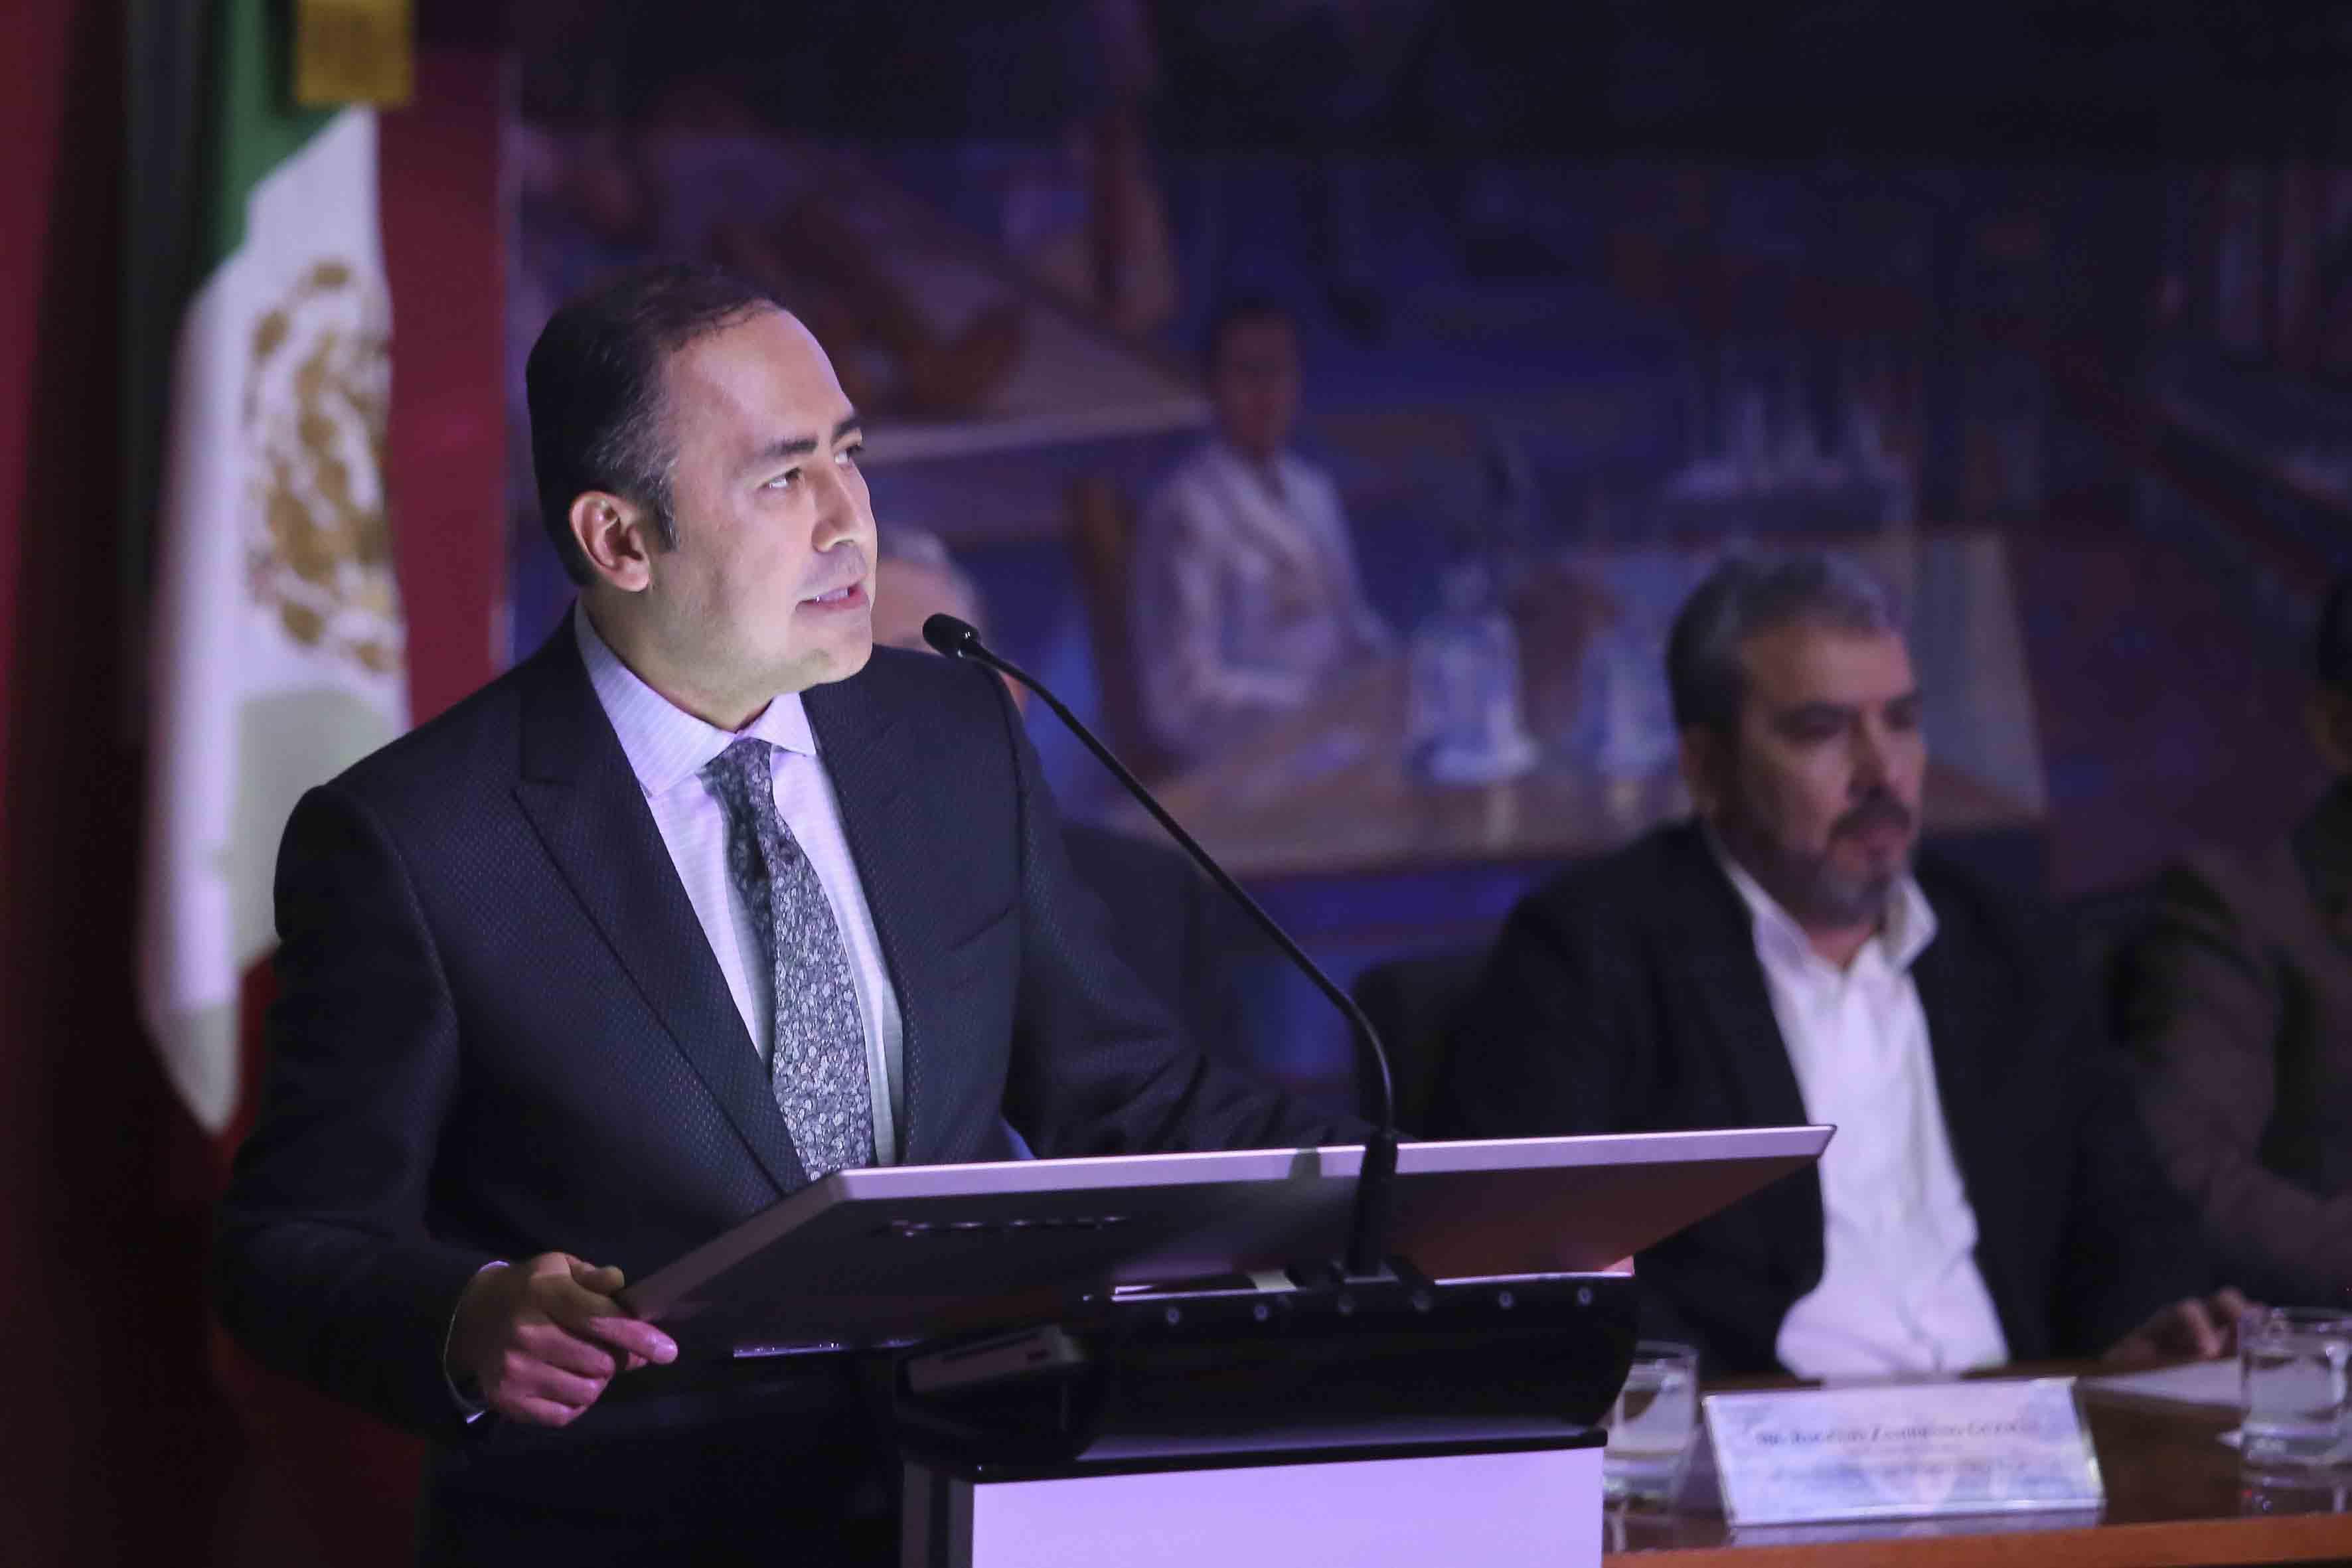 Dr. Jaime Andrade en el podium rindiendo su informe de actividades